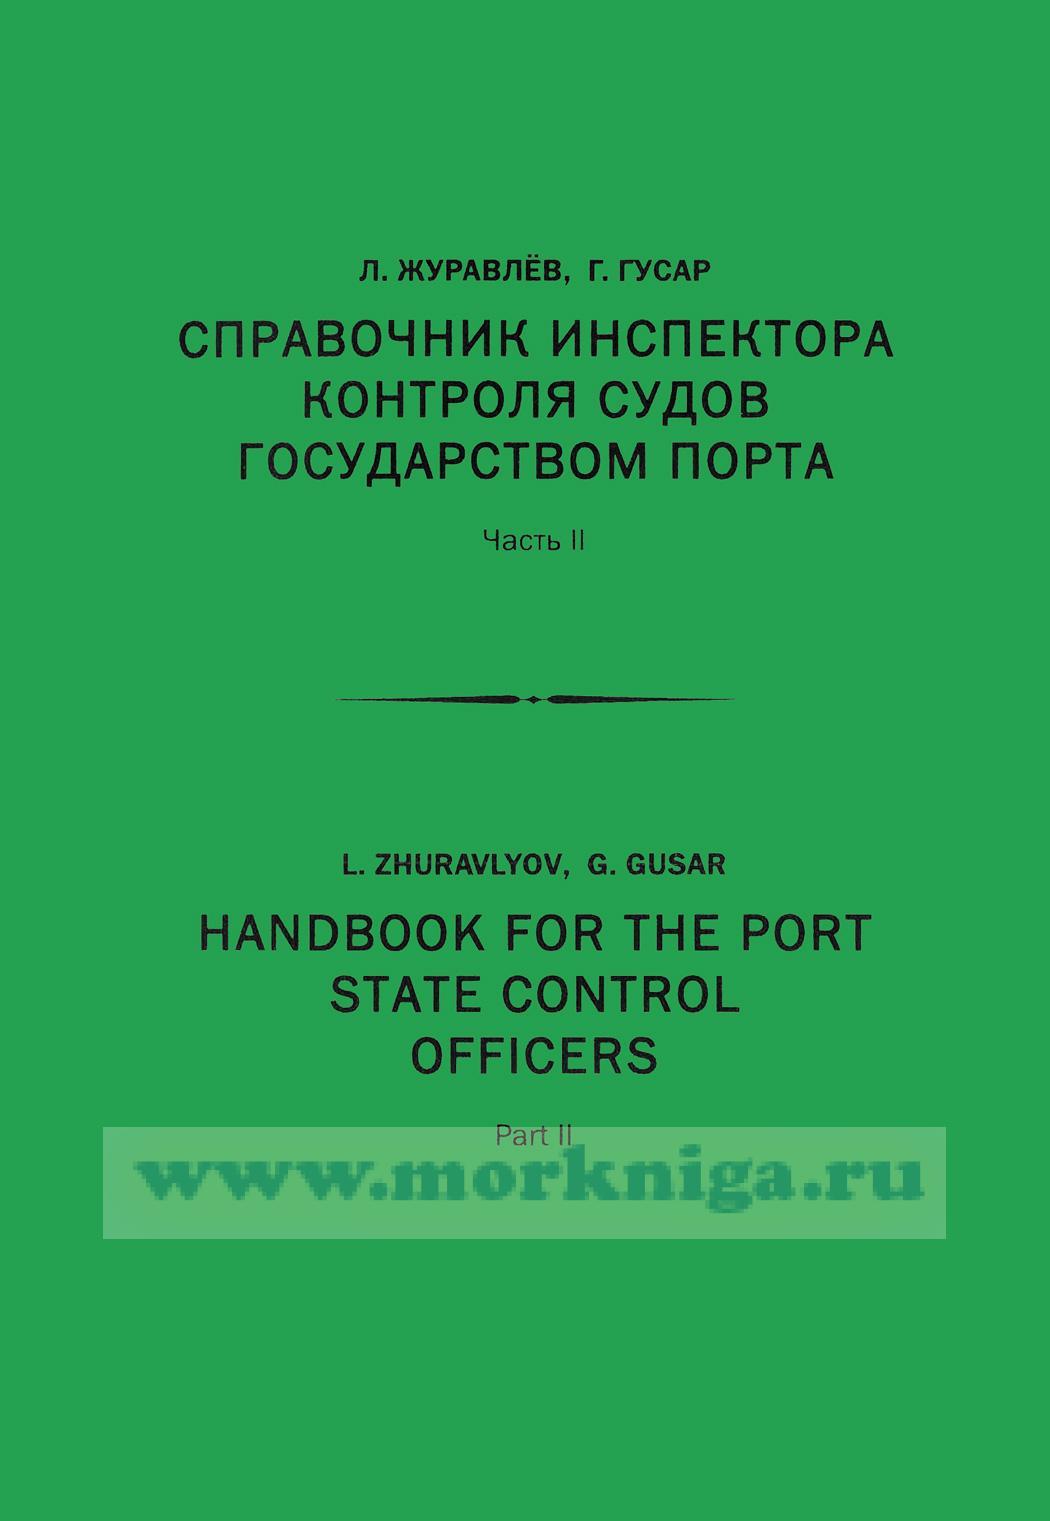 Справочник инспектора Контроля судов Государством порта. Часть 2. Handbook for the port state control officers. Part 2